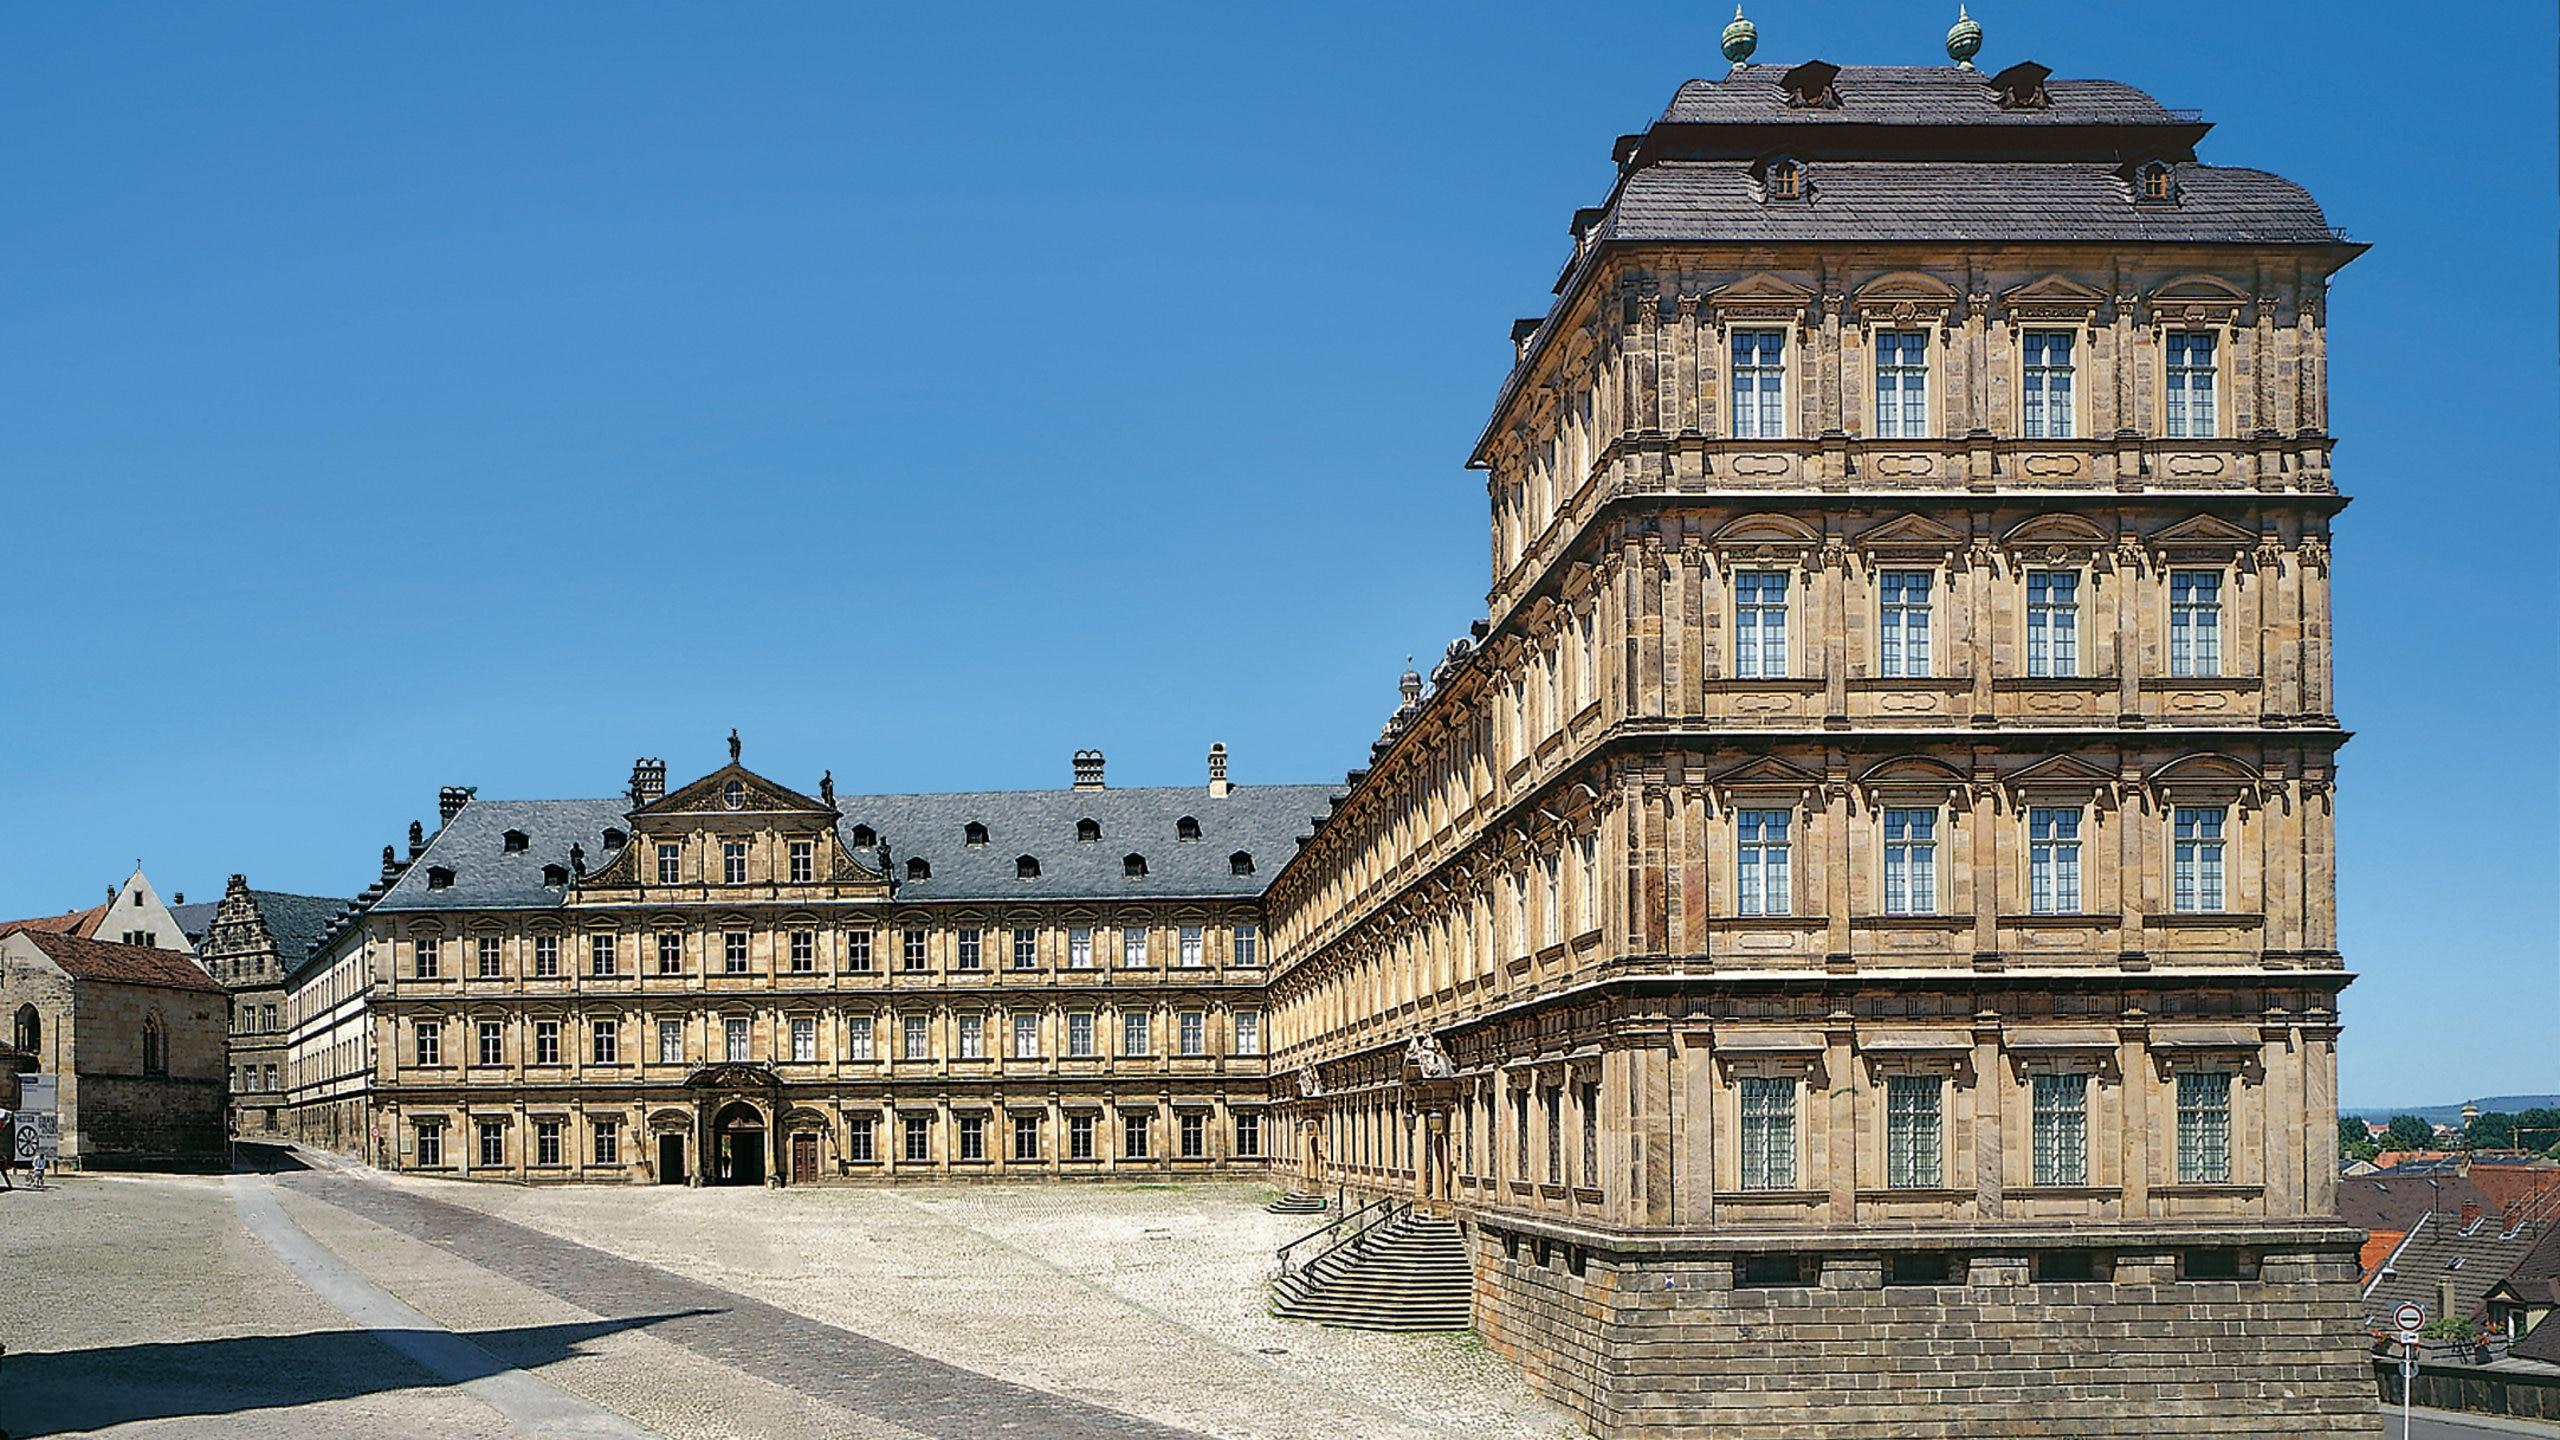 Nieuwe residentie, Bamberg, Beieren, Duitsland